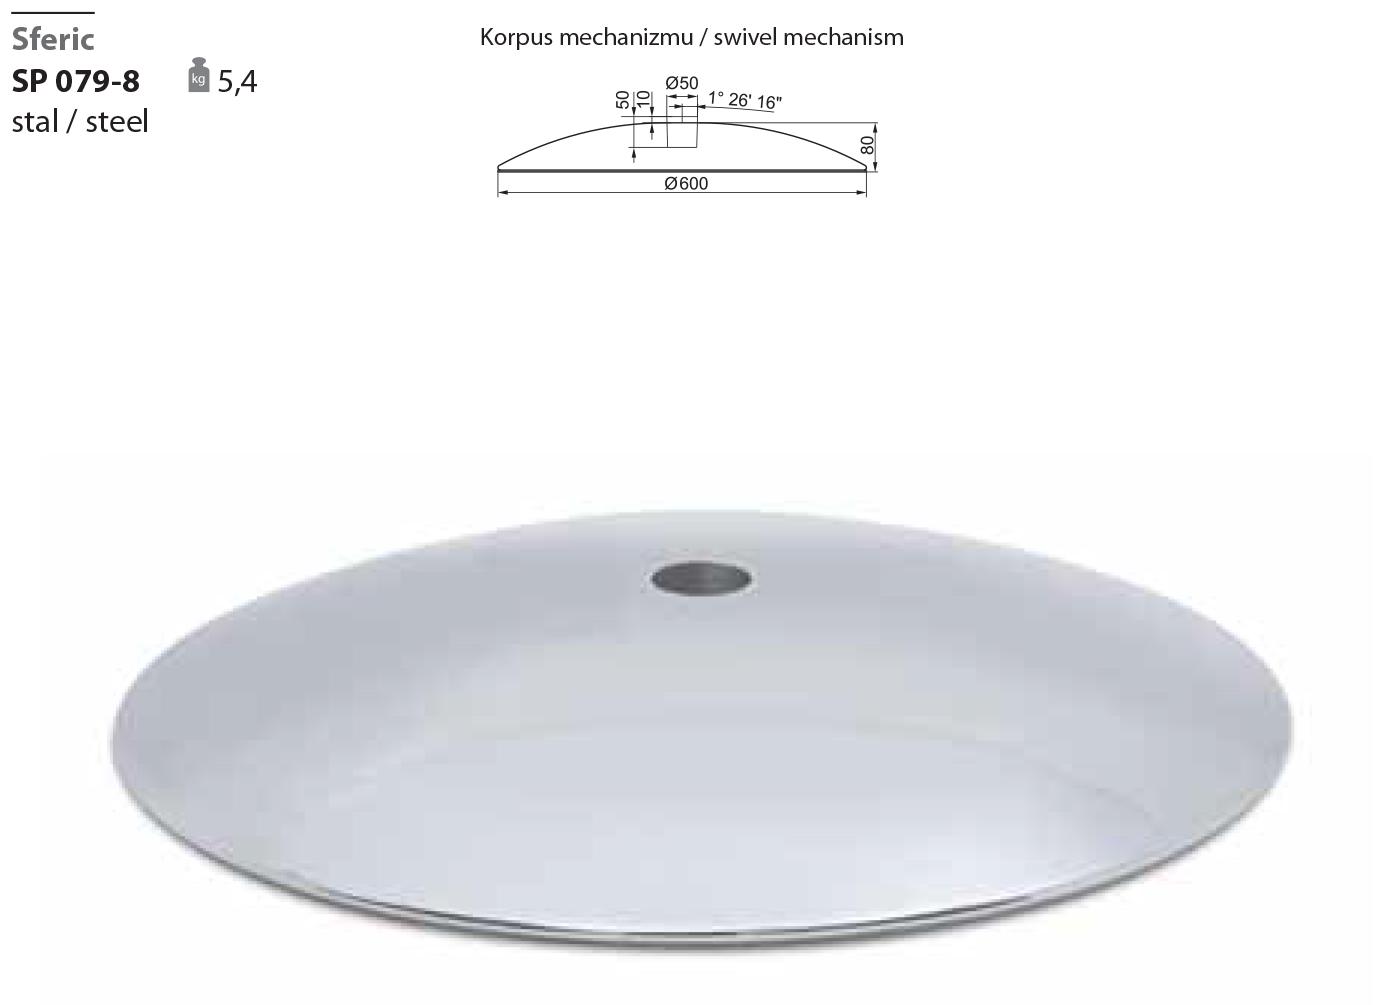 Поворотная опора SP 079-8